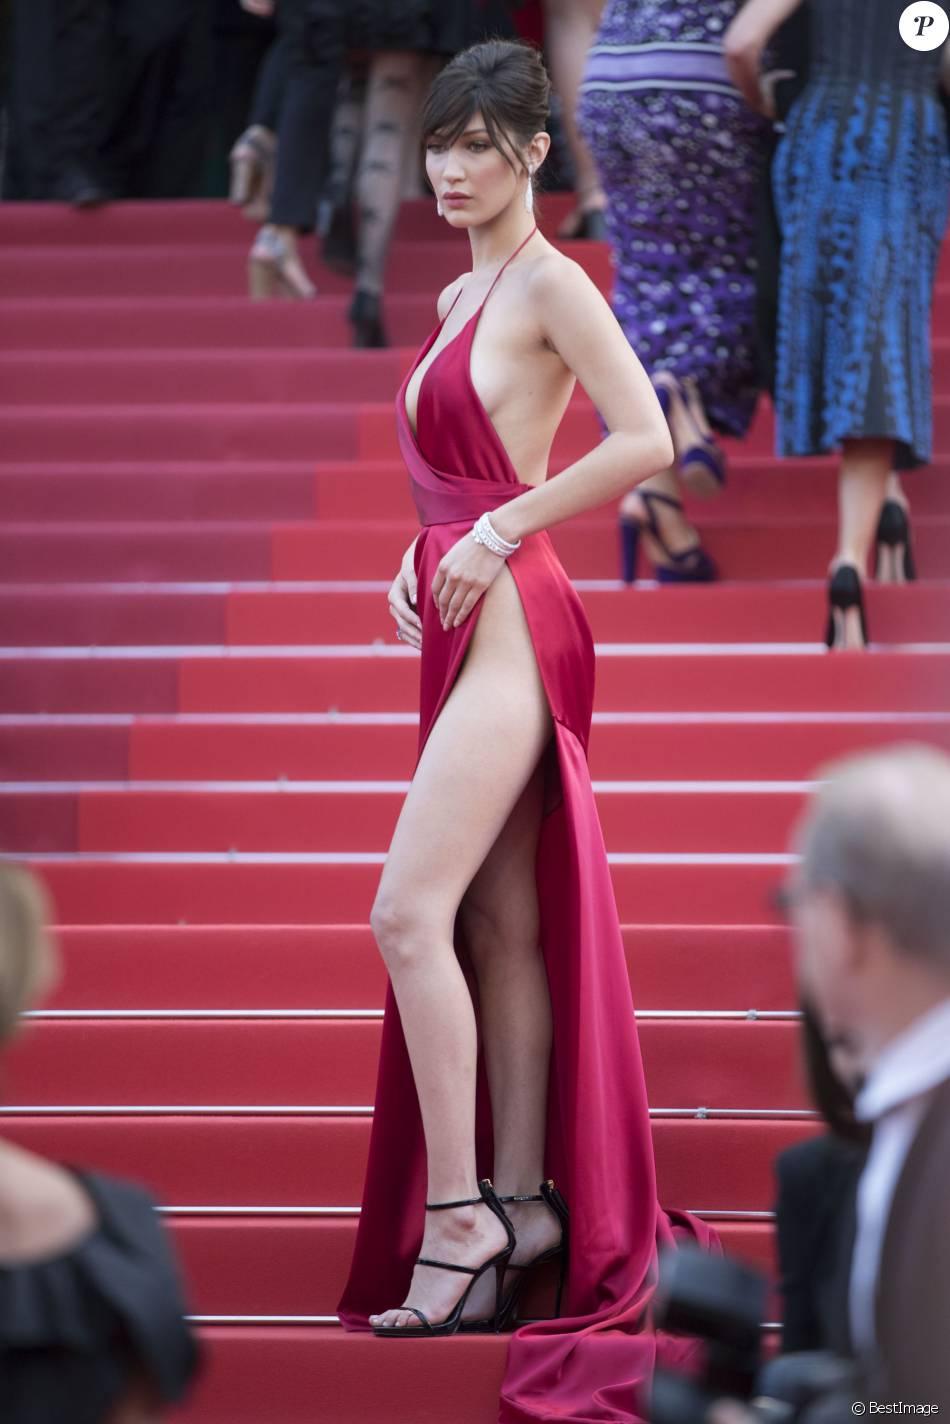 fille nue photo escort a cannes